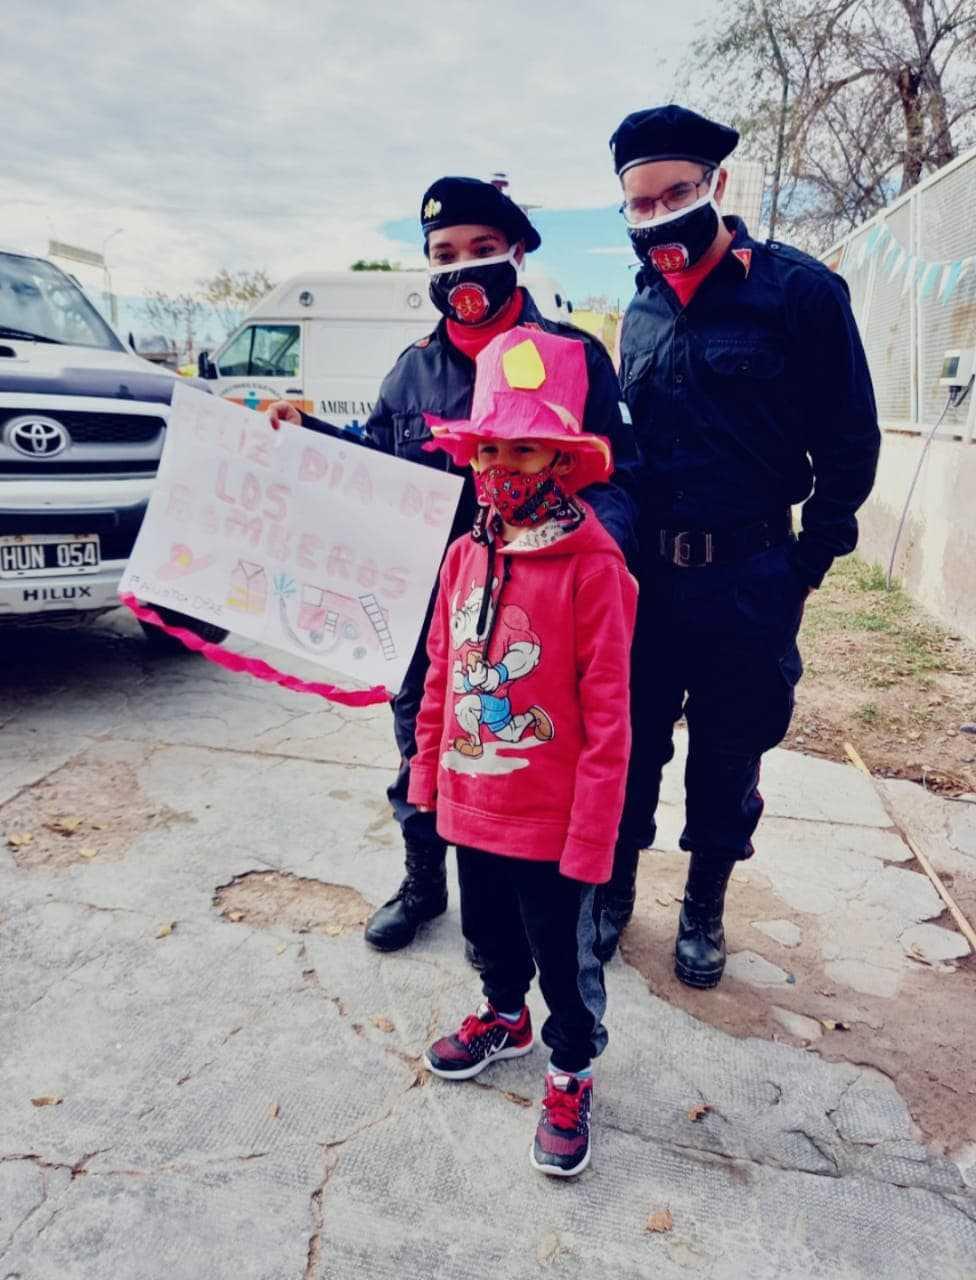 bomberos nene dibujo - Catriel25Noticias.com